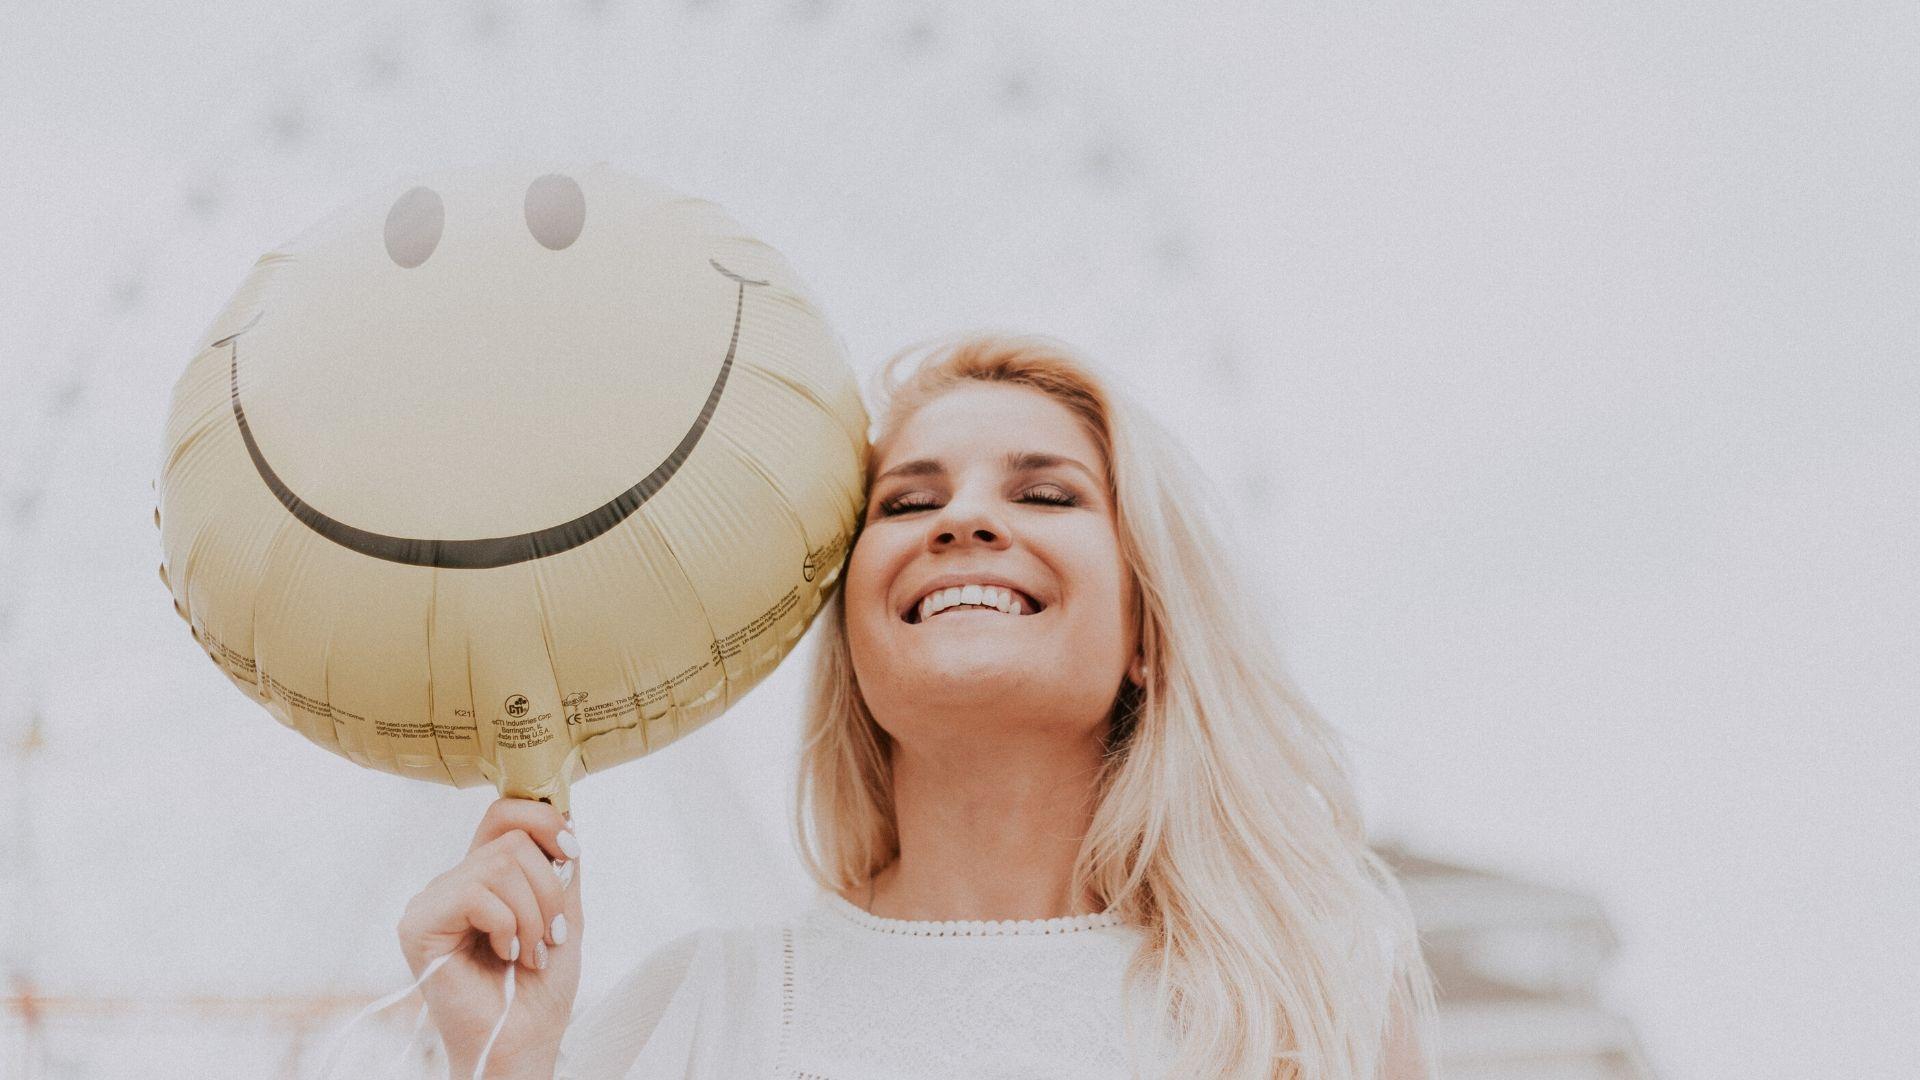 ლორა სანტოსი: როგორ შევინარჩუნოთ პოზიტიური განწყობა პანდემიისას